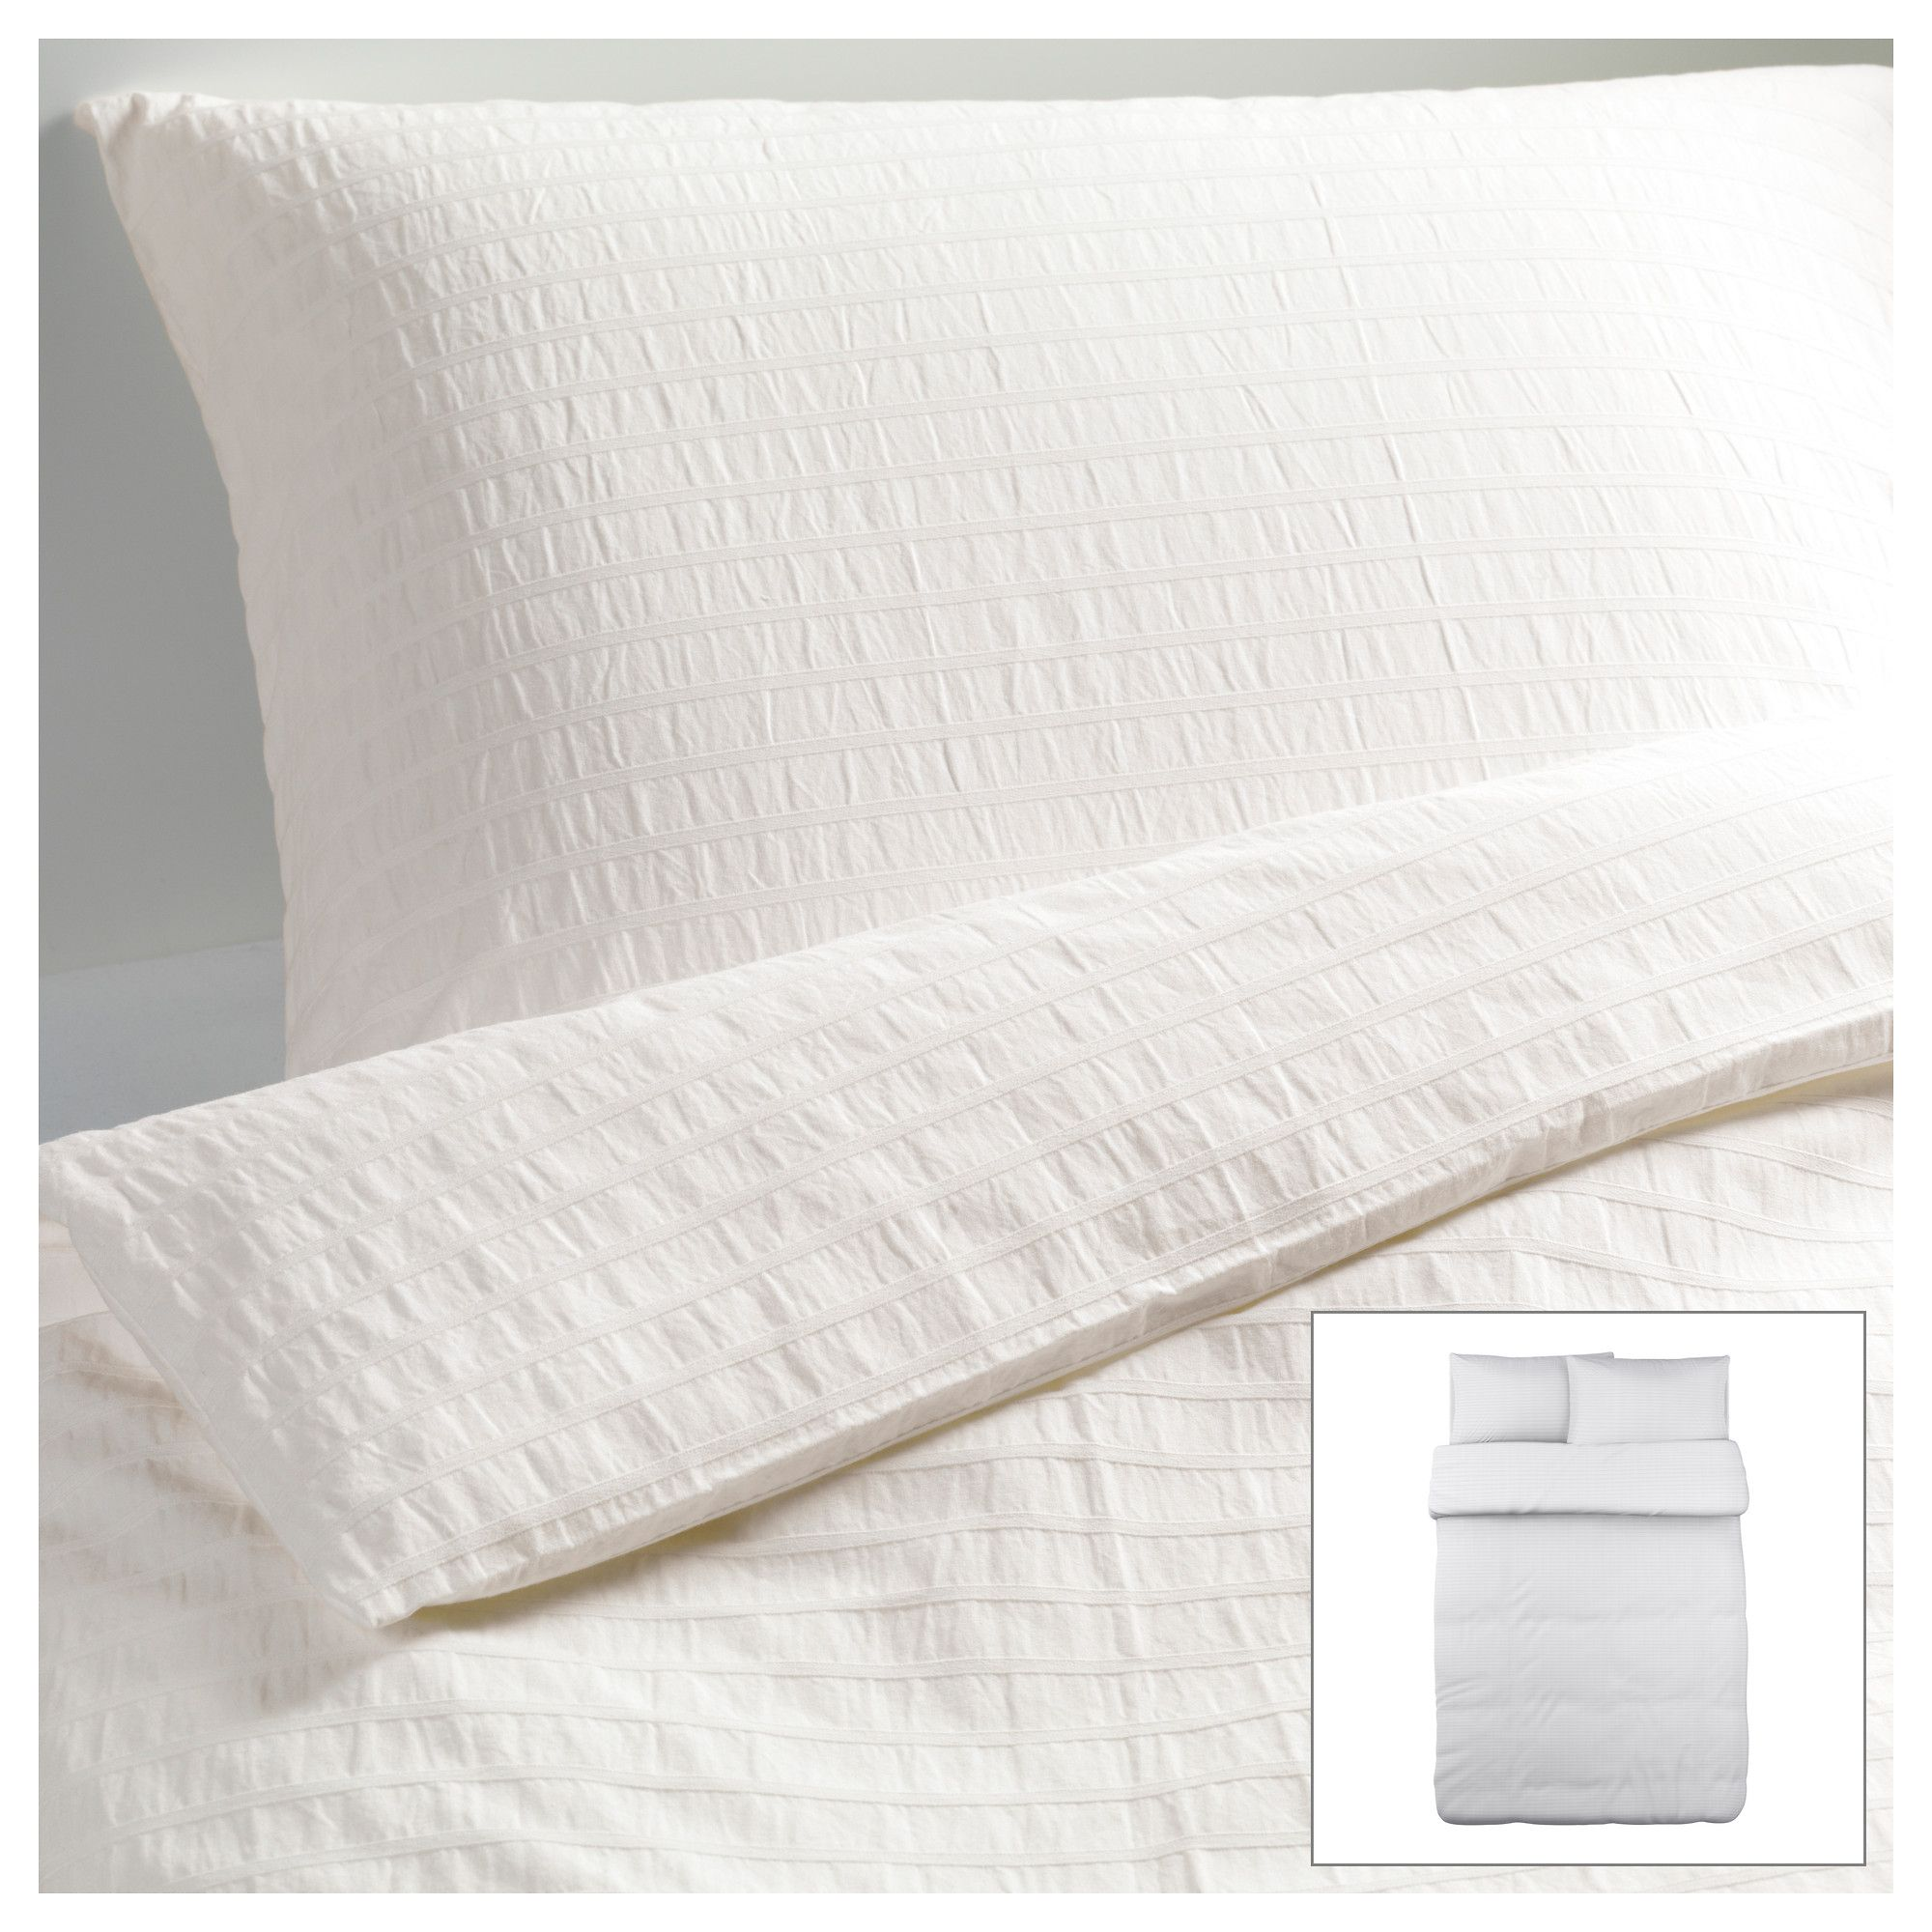 Ofelia Vass Duvet Cover And Pillowcase S White Full Queen